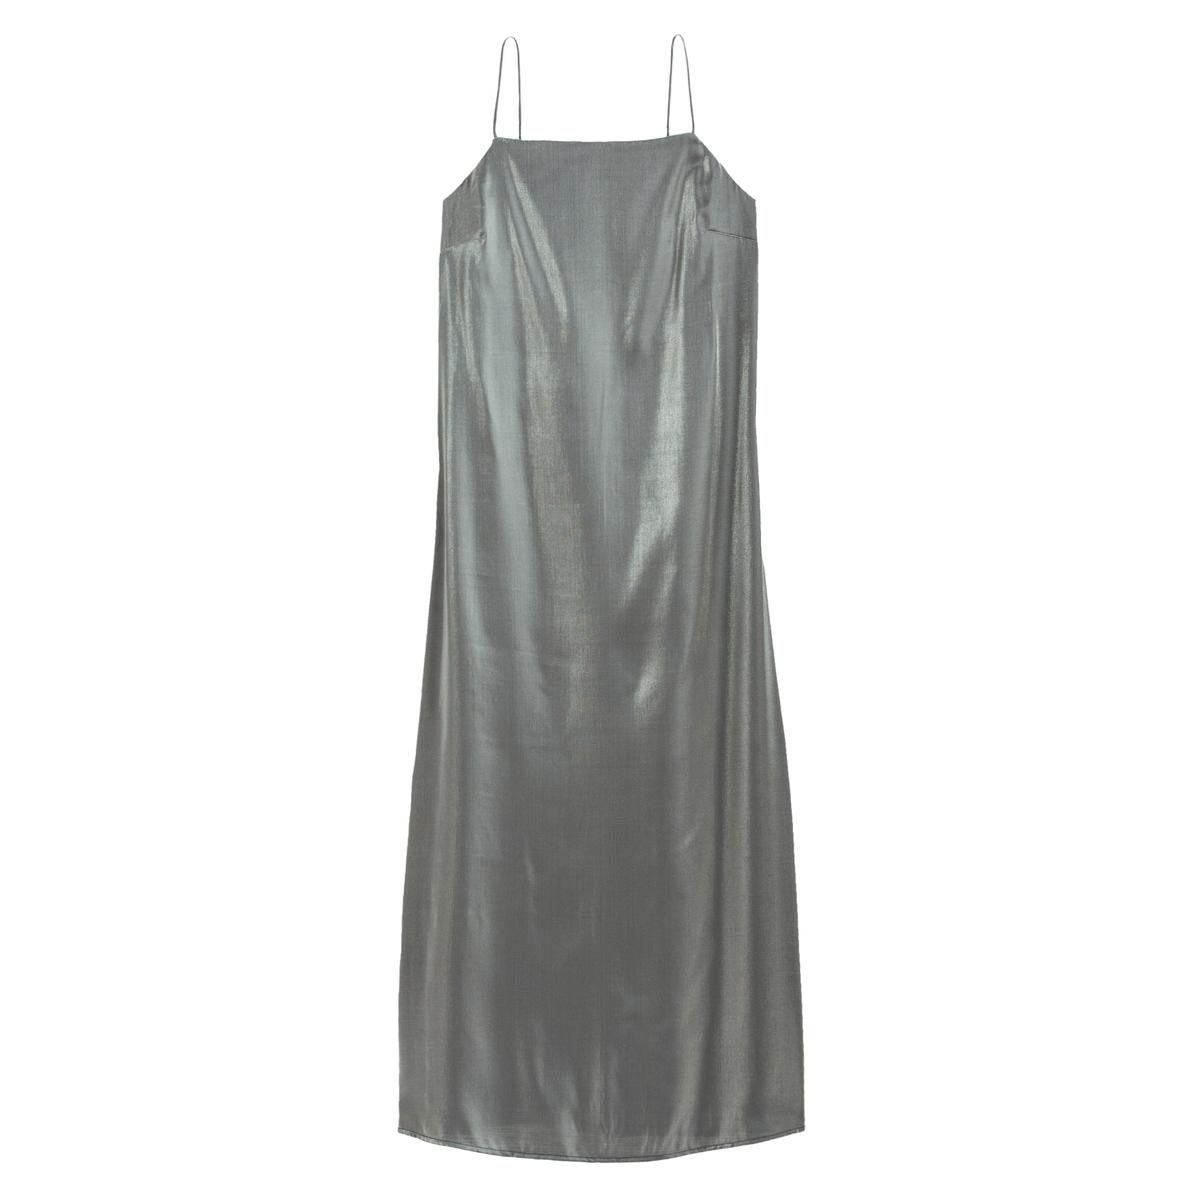 Vestido comprido de alças finas, em tecido brilhante